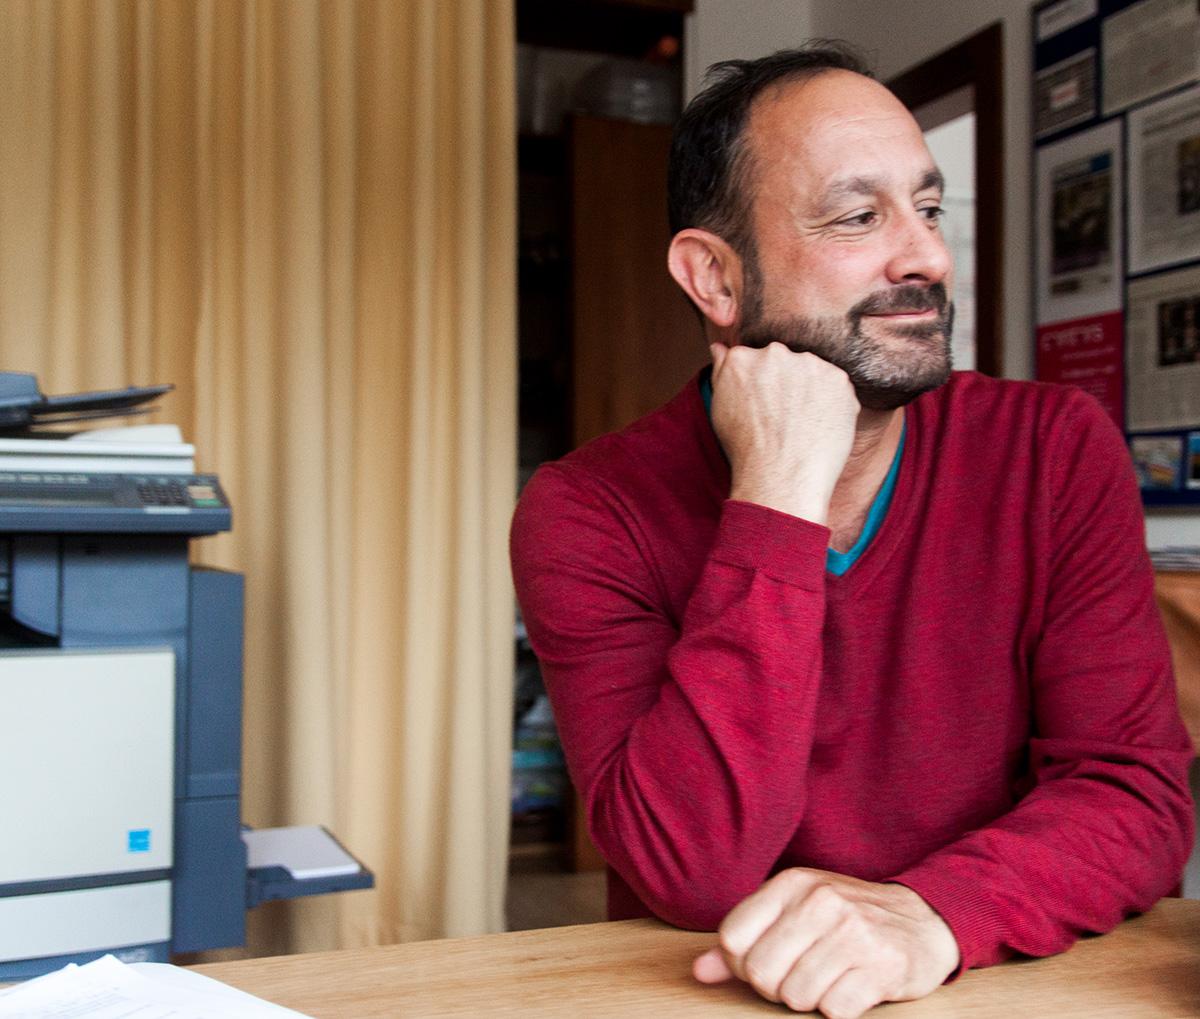 Bruno Affentranger scheiterte daran, den Luzerner Anzeiger und das dazugehörige Unternehmen zu retten.